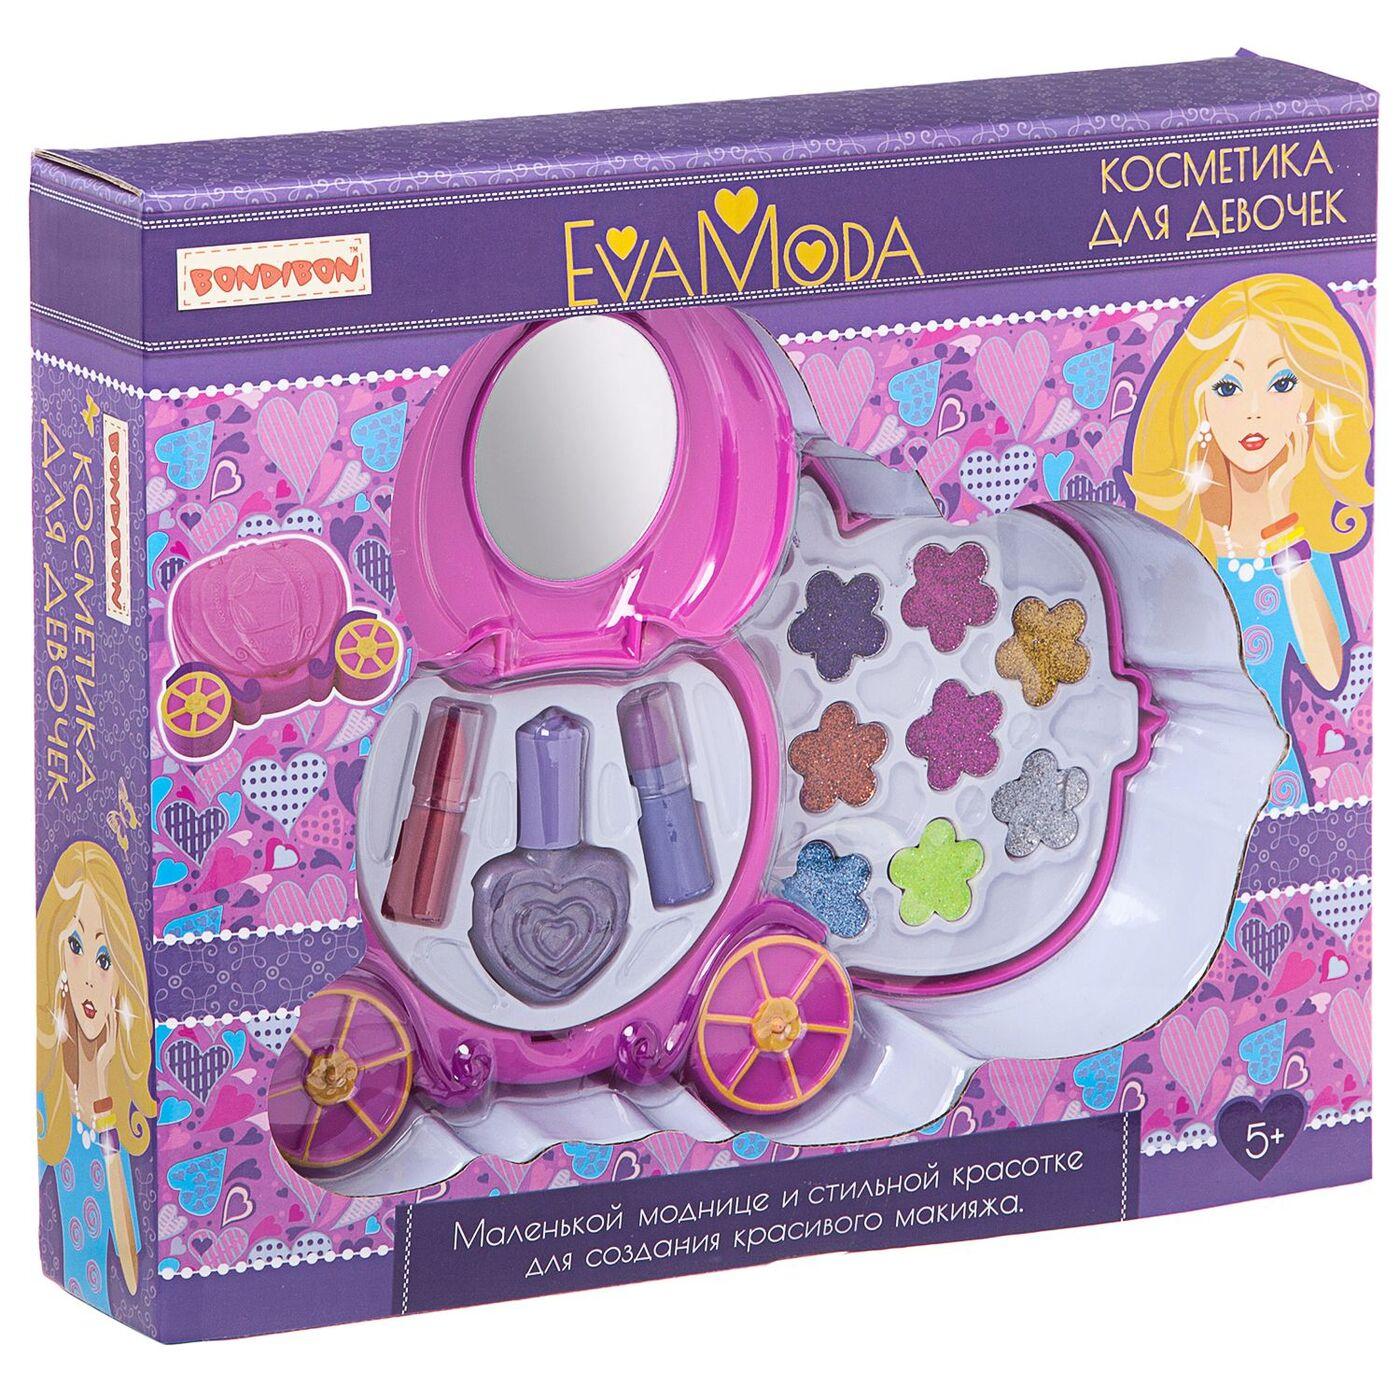 Купить набор детской декоративной косметики в москве живанши косметика купить